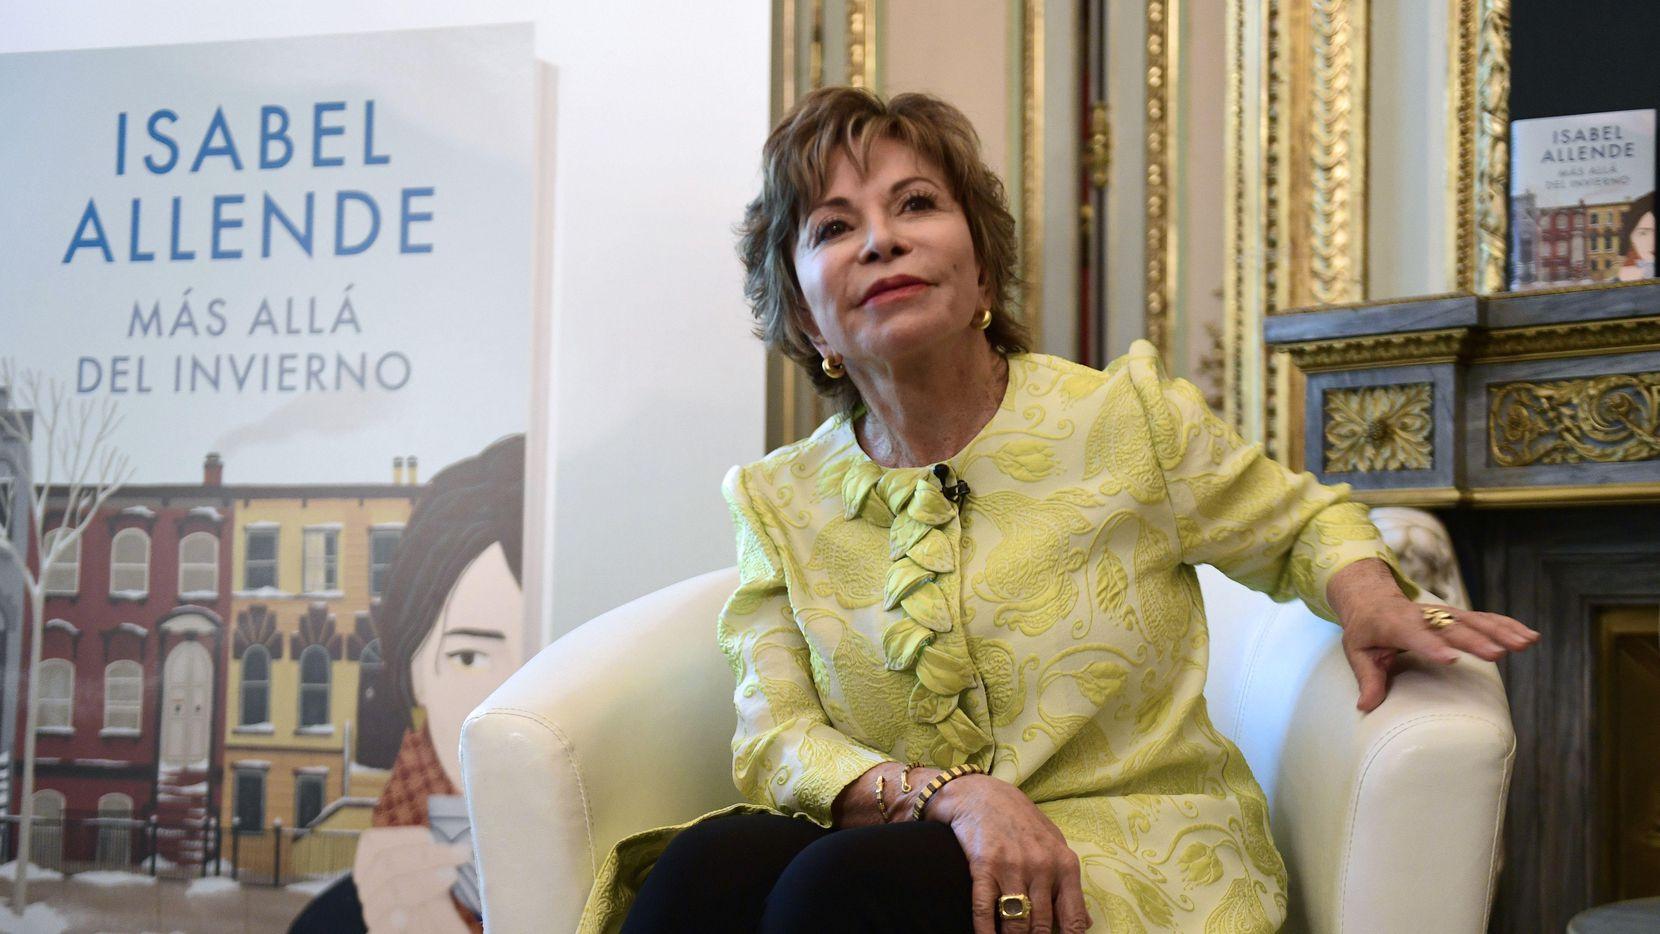 La escritora chilena Isabel Allende fue la oradora principal en el evento Women in the World en el Museo de Arte de Dallas. (AFP/Getty Images/PIERRE-PHILIPPE MARCOU)